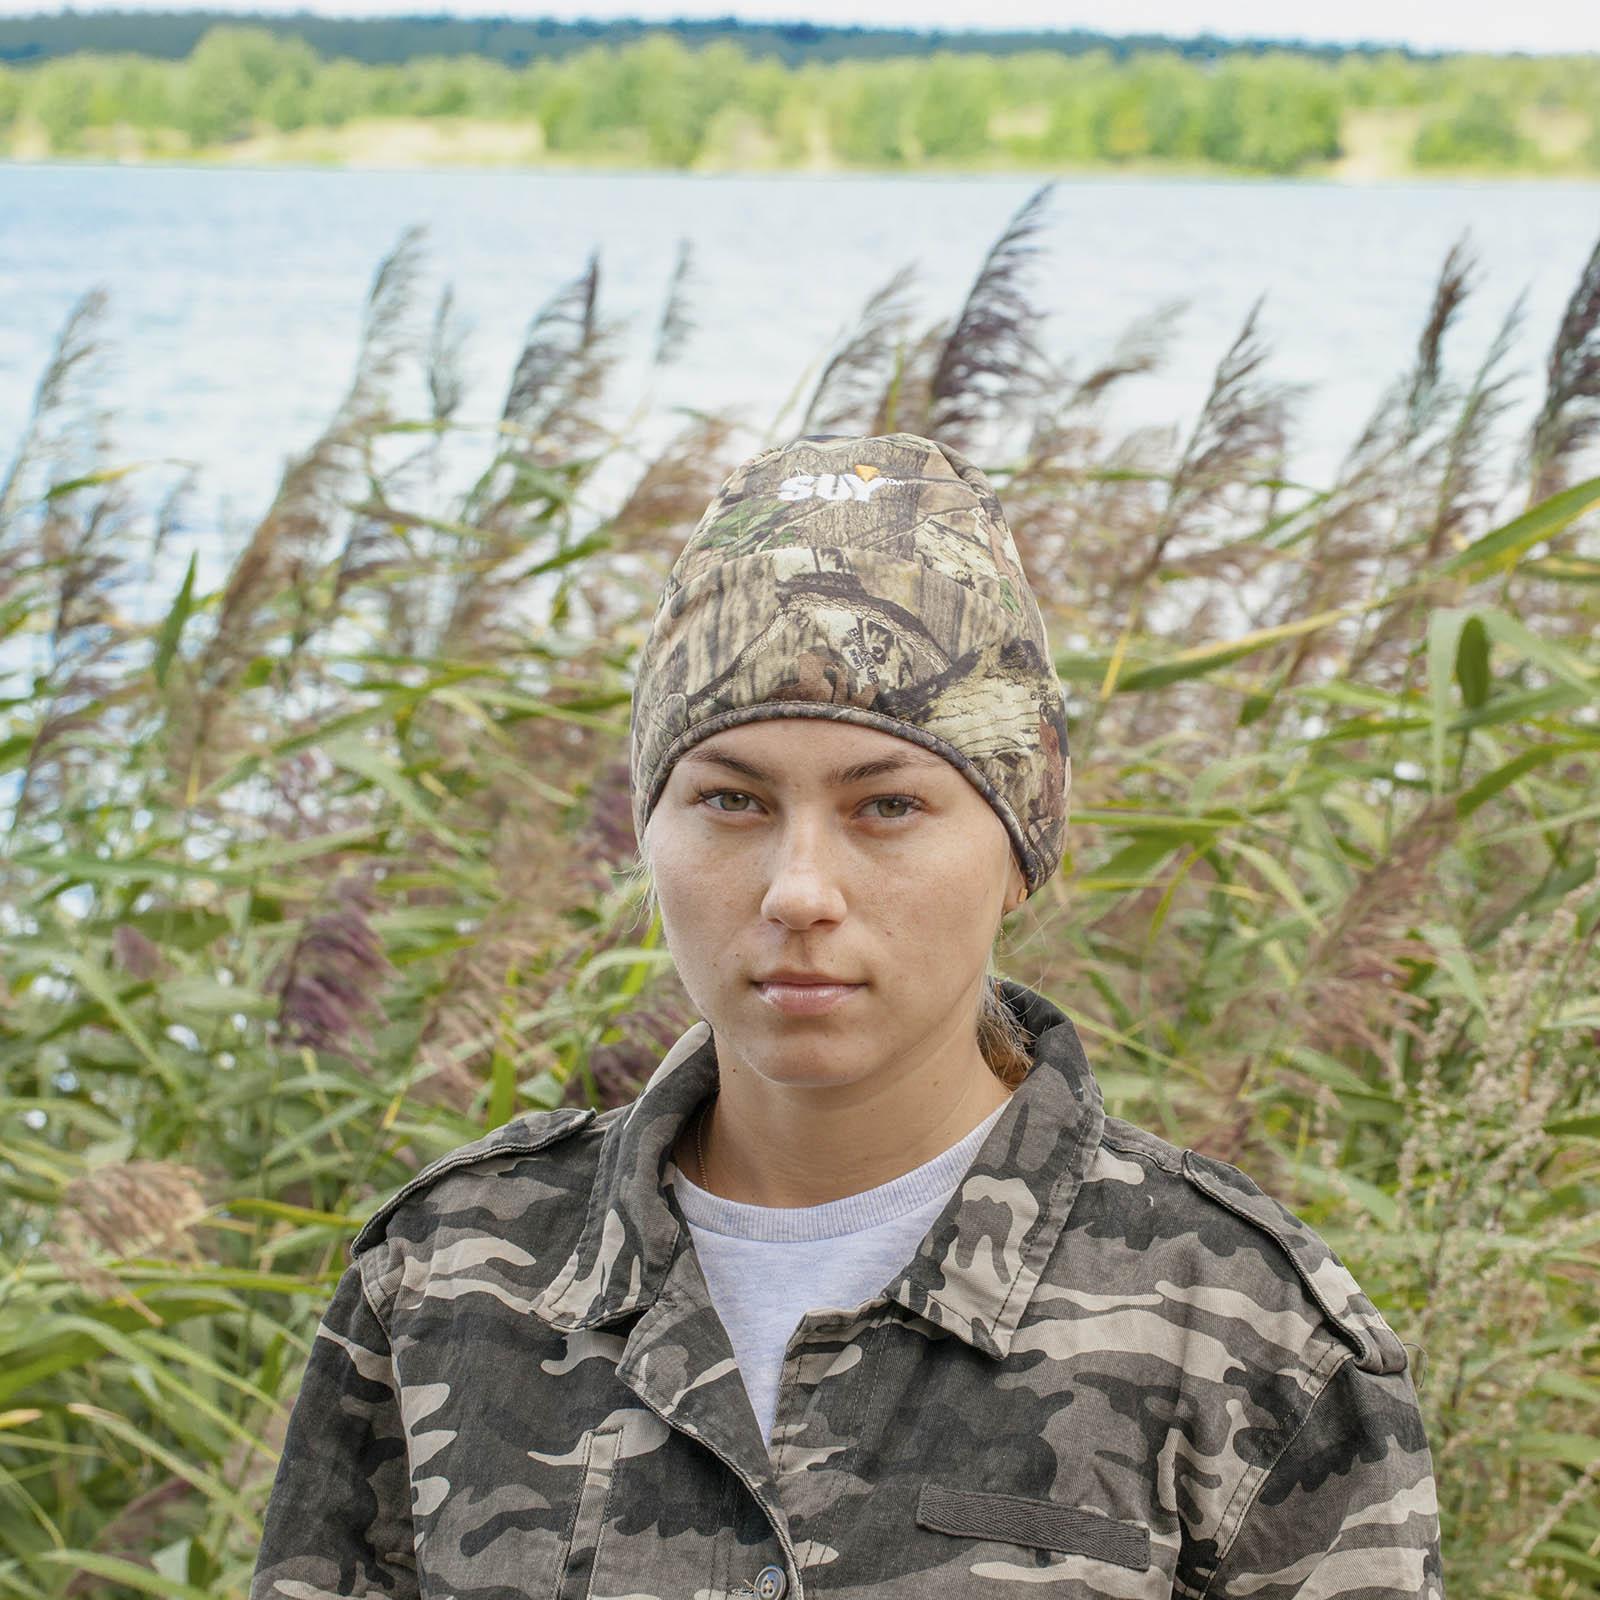 Купить в Москве женскую шапочку Realtree